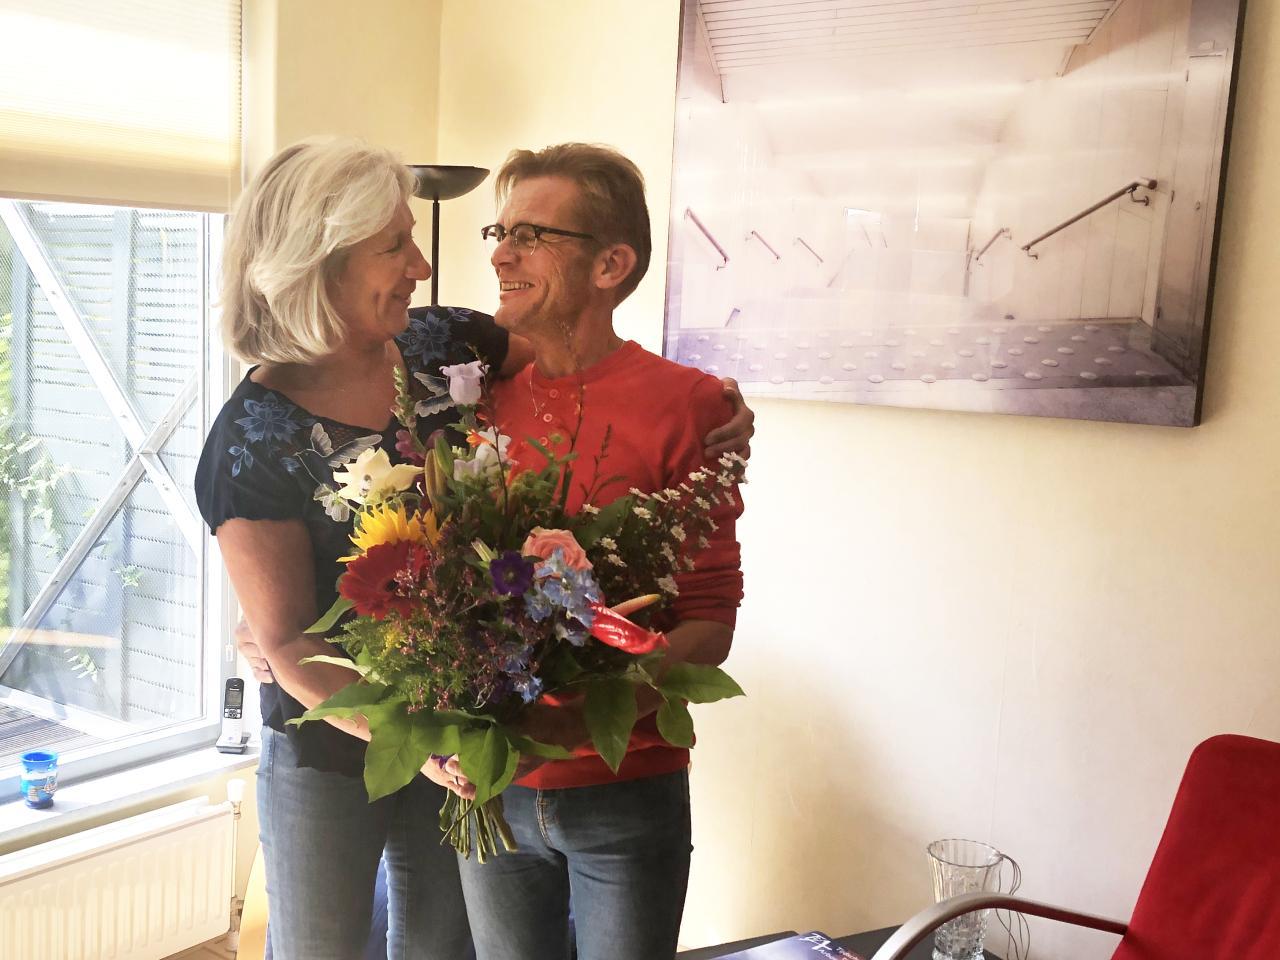 Geneeskundige meldkamer geeft slachtoffer van hartstilstand een bosje bloemen